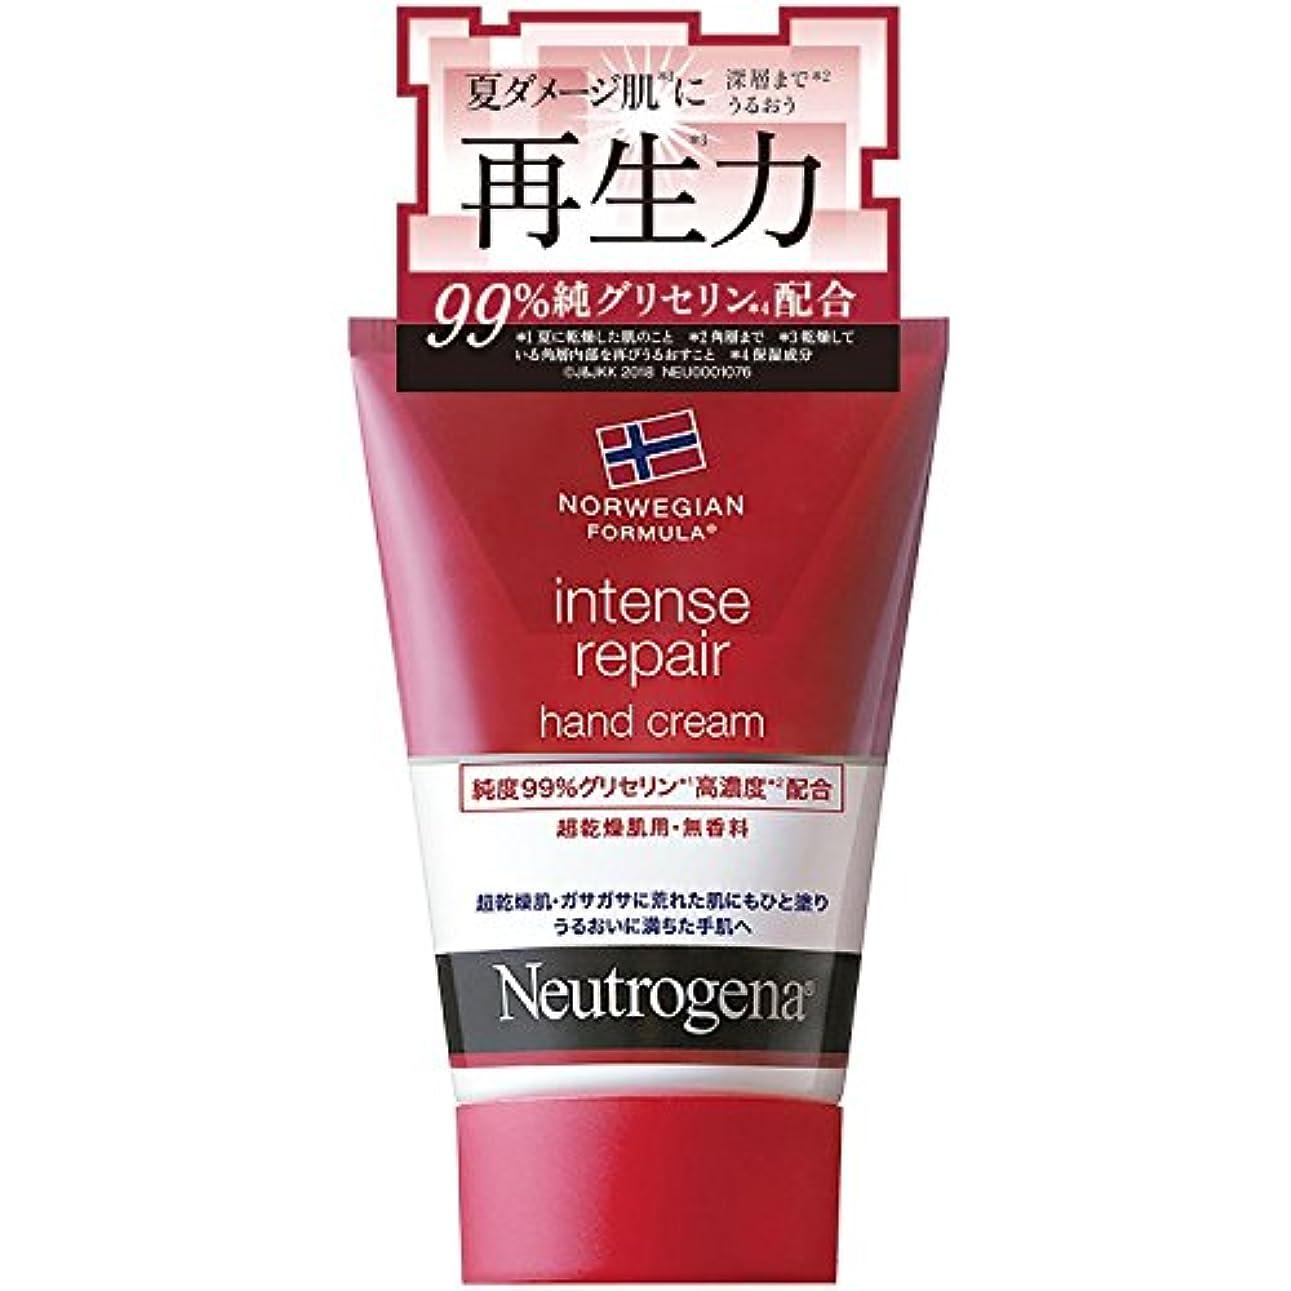 法廷購入フレットNeutrogena(ニュートロジーナ) ノルウェーフォーミュラ インテンスリペア ハンドクリーム 超乾燥肌用 無香料 単品 50g